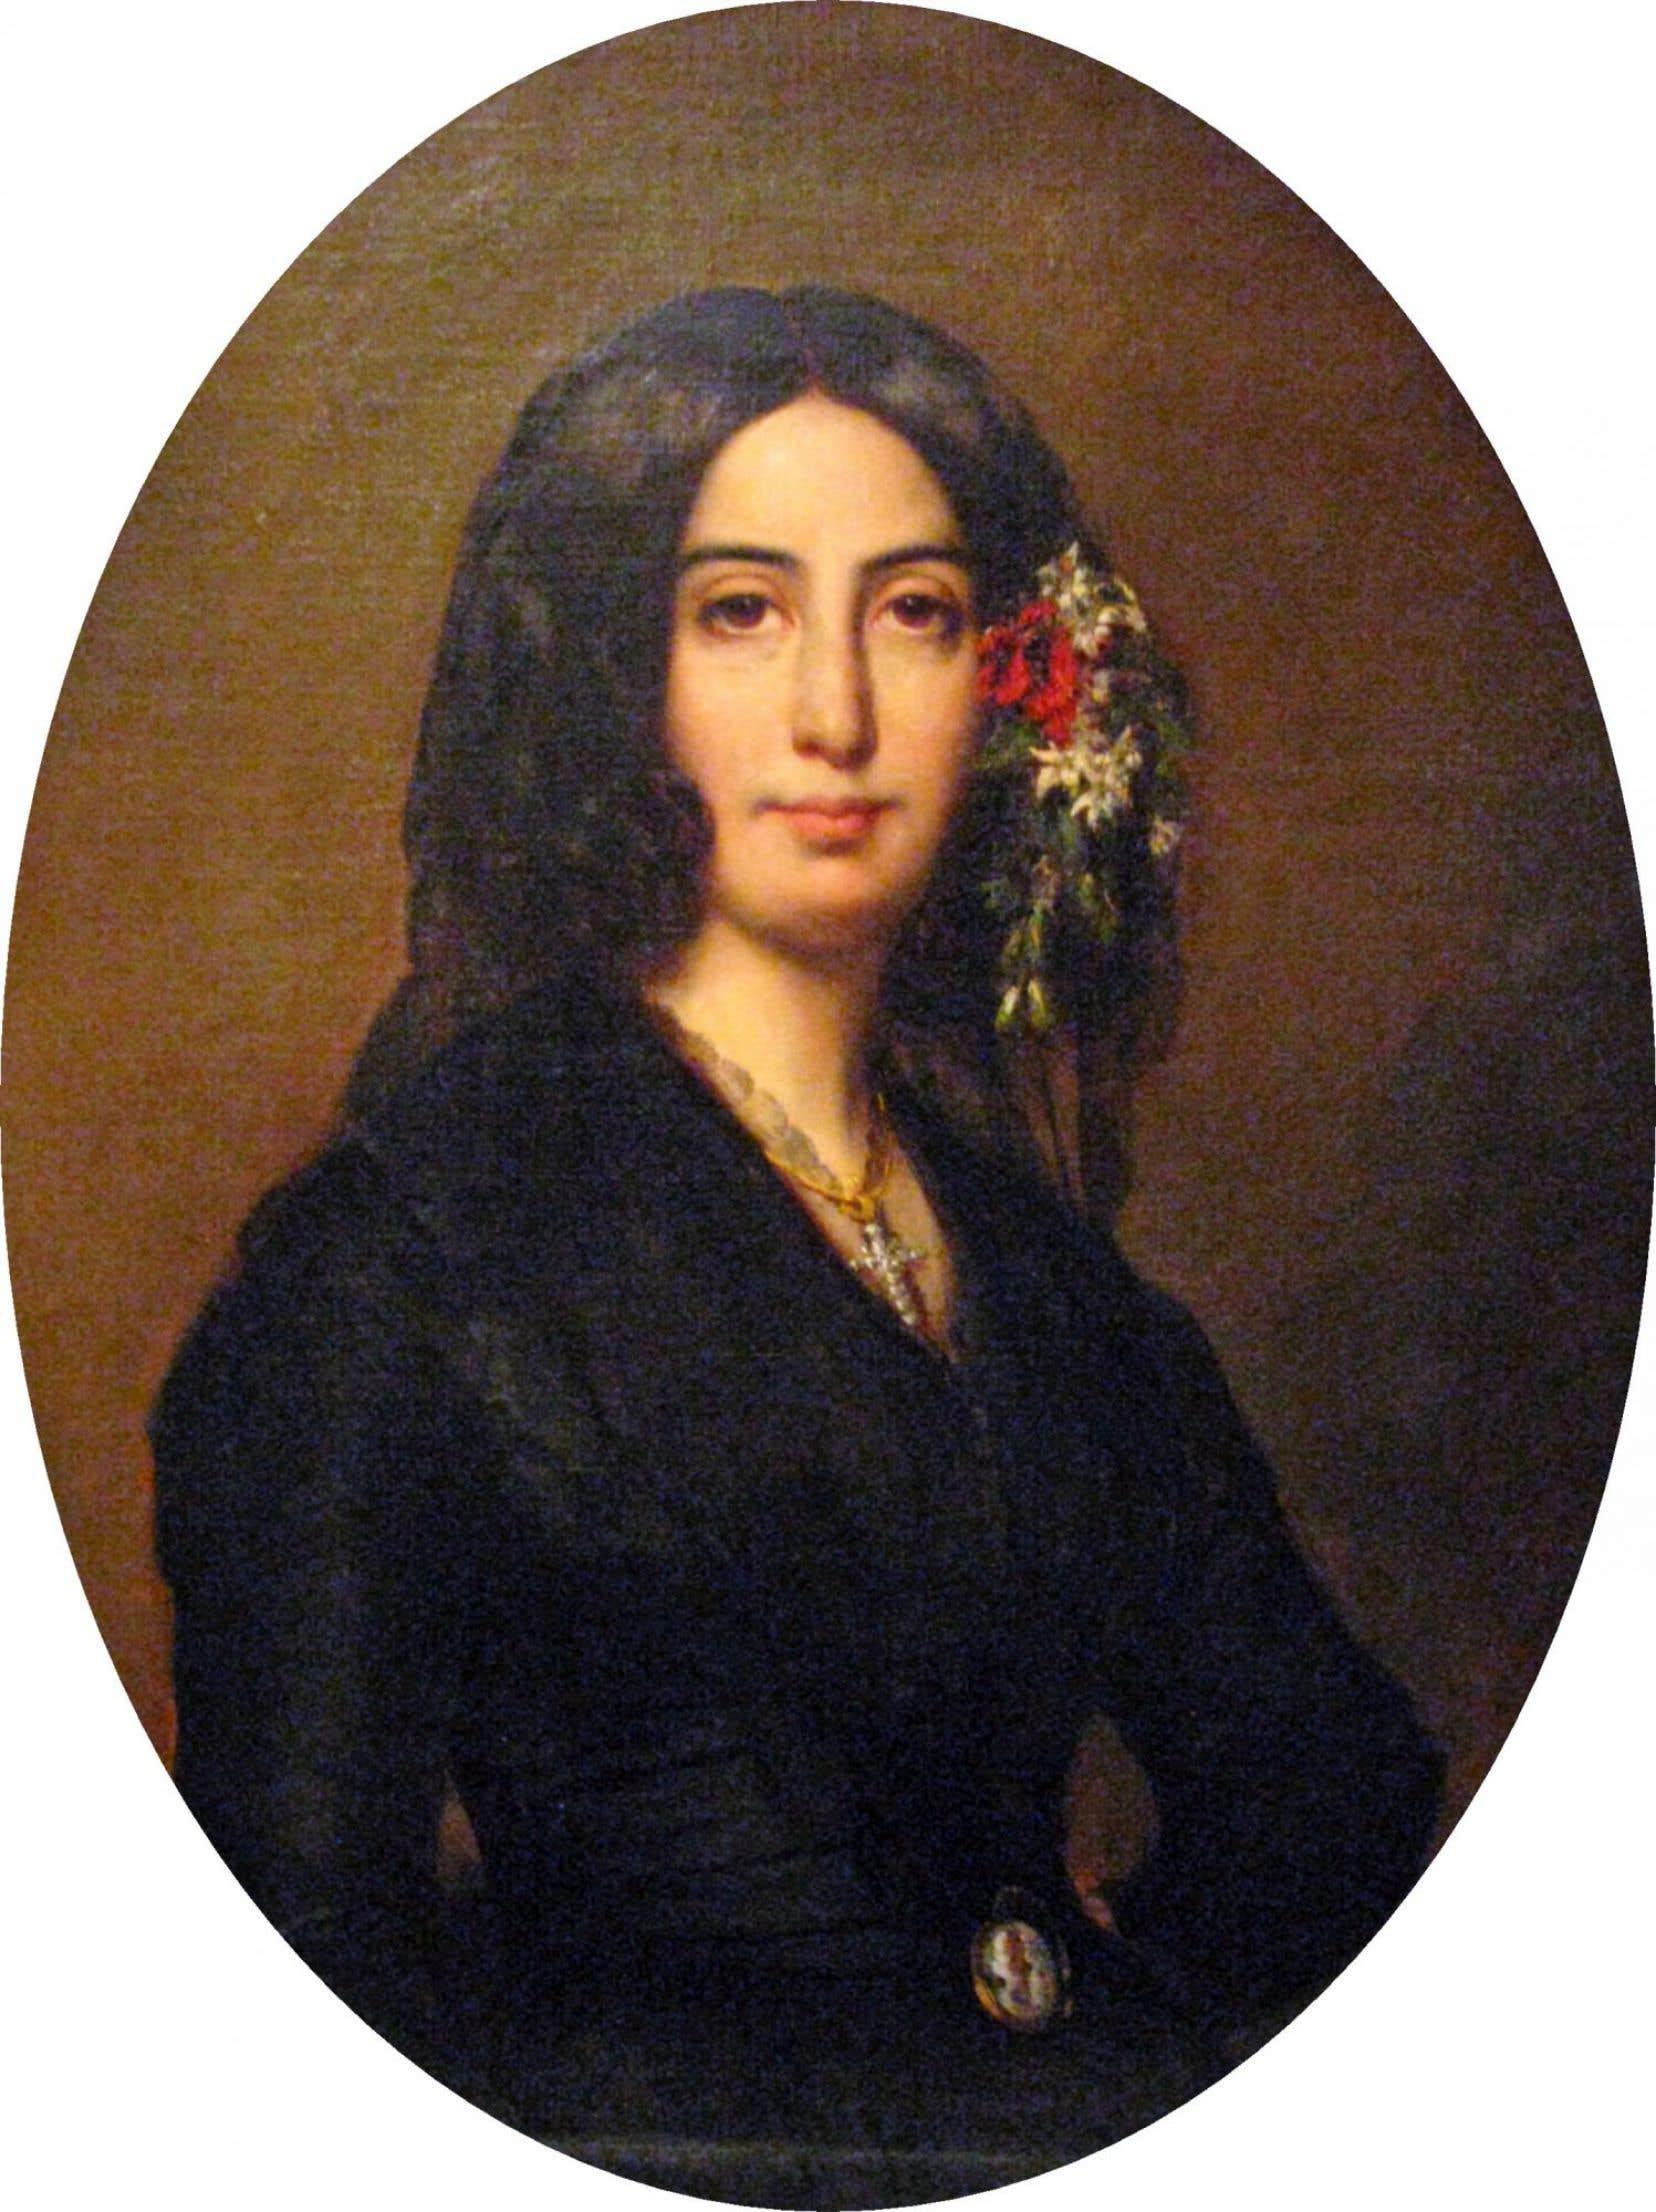 Portrait de George Sand par Auguste Charpentier